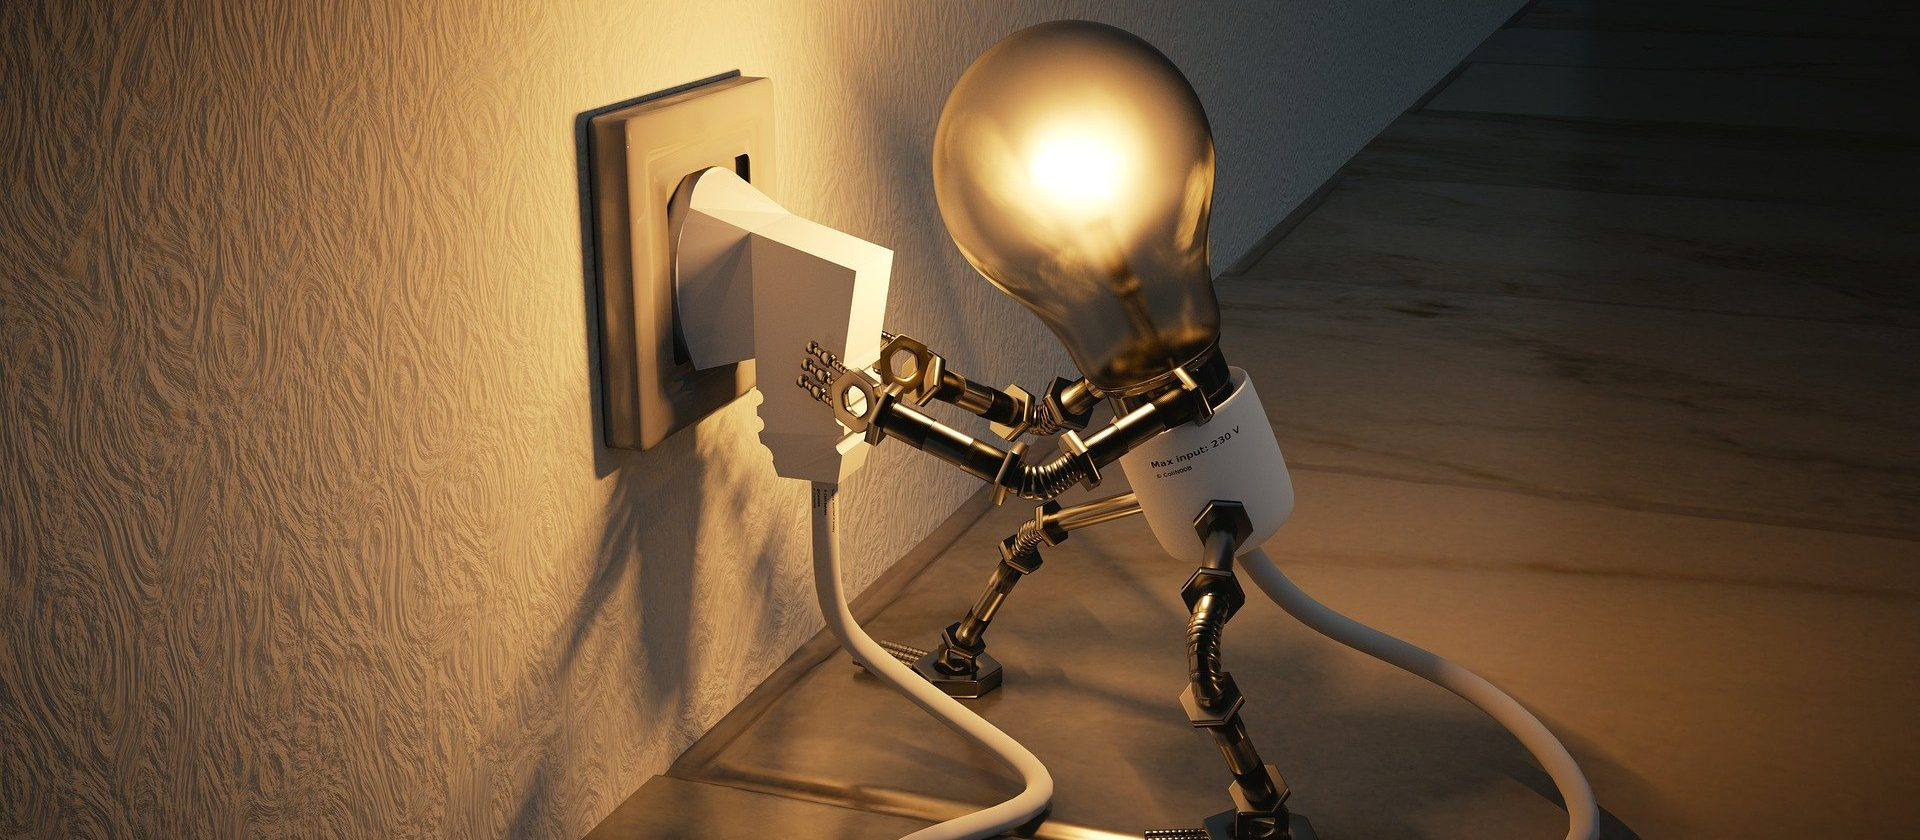 Idee & Geschäftsidee